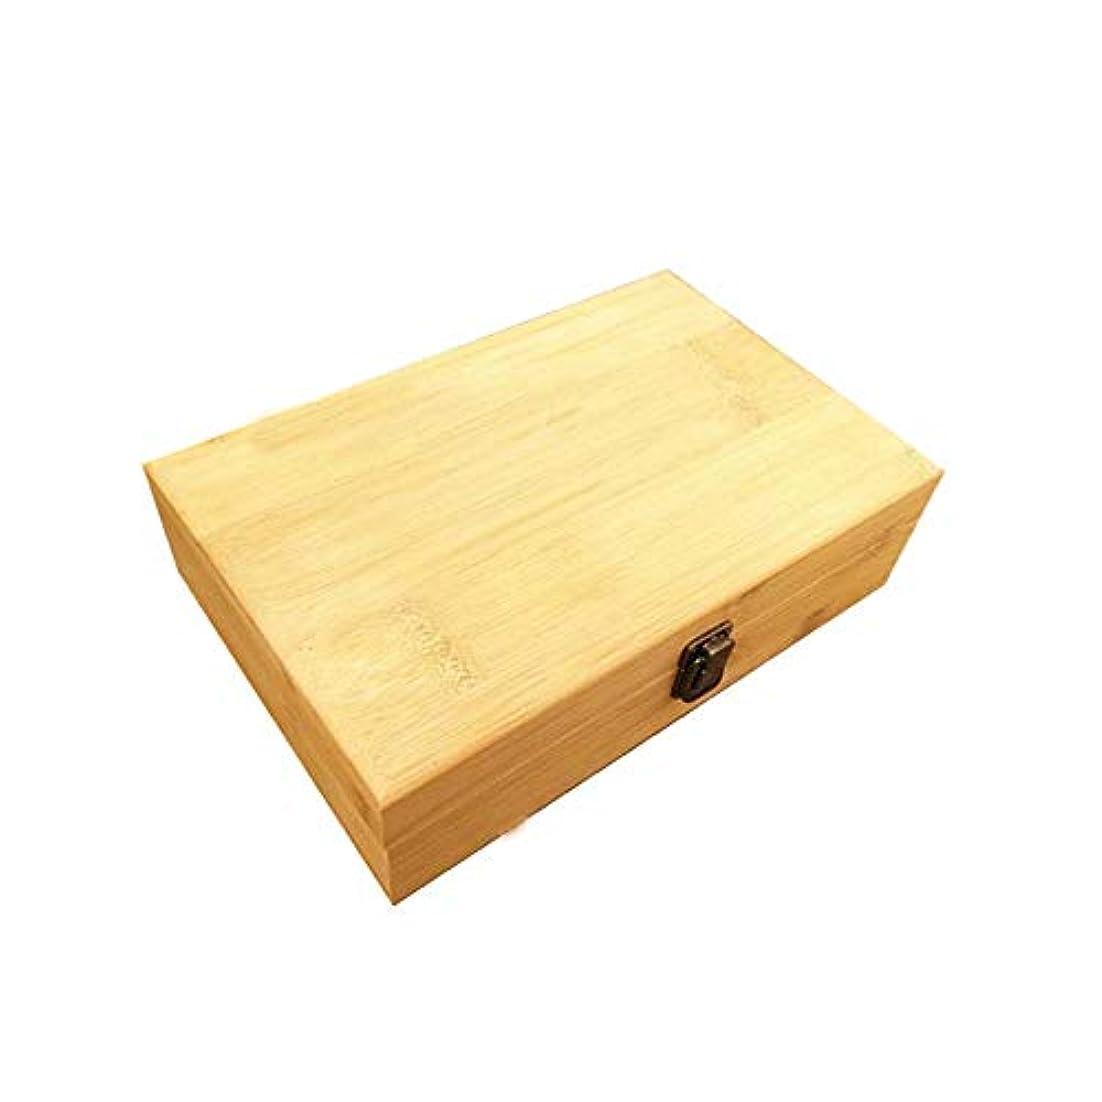 プラスチック呼び起こす隠すエッセンシャルオイルストレージボックス 40スロットエッセンシャルオイルボックス木製収納ケースは、40本のボトルエッセンシャルオイルスペースセーバーの開催します 旅行およびプレゼンテーション用 (色 : Natural,...